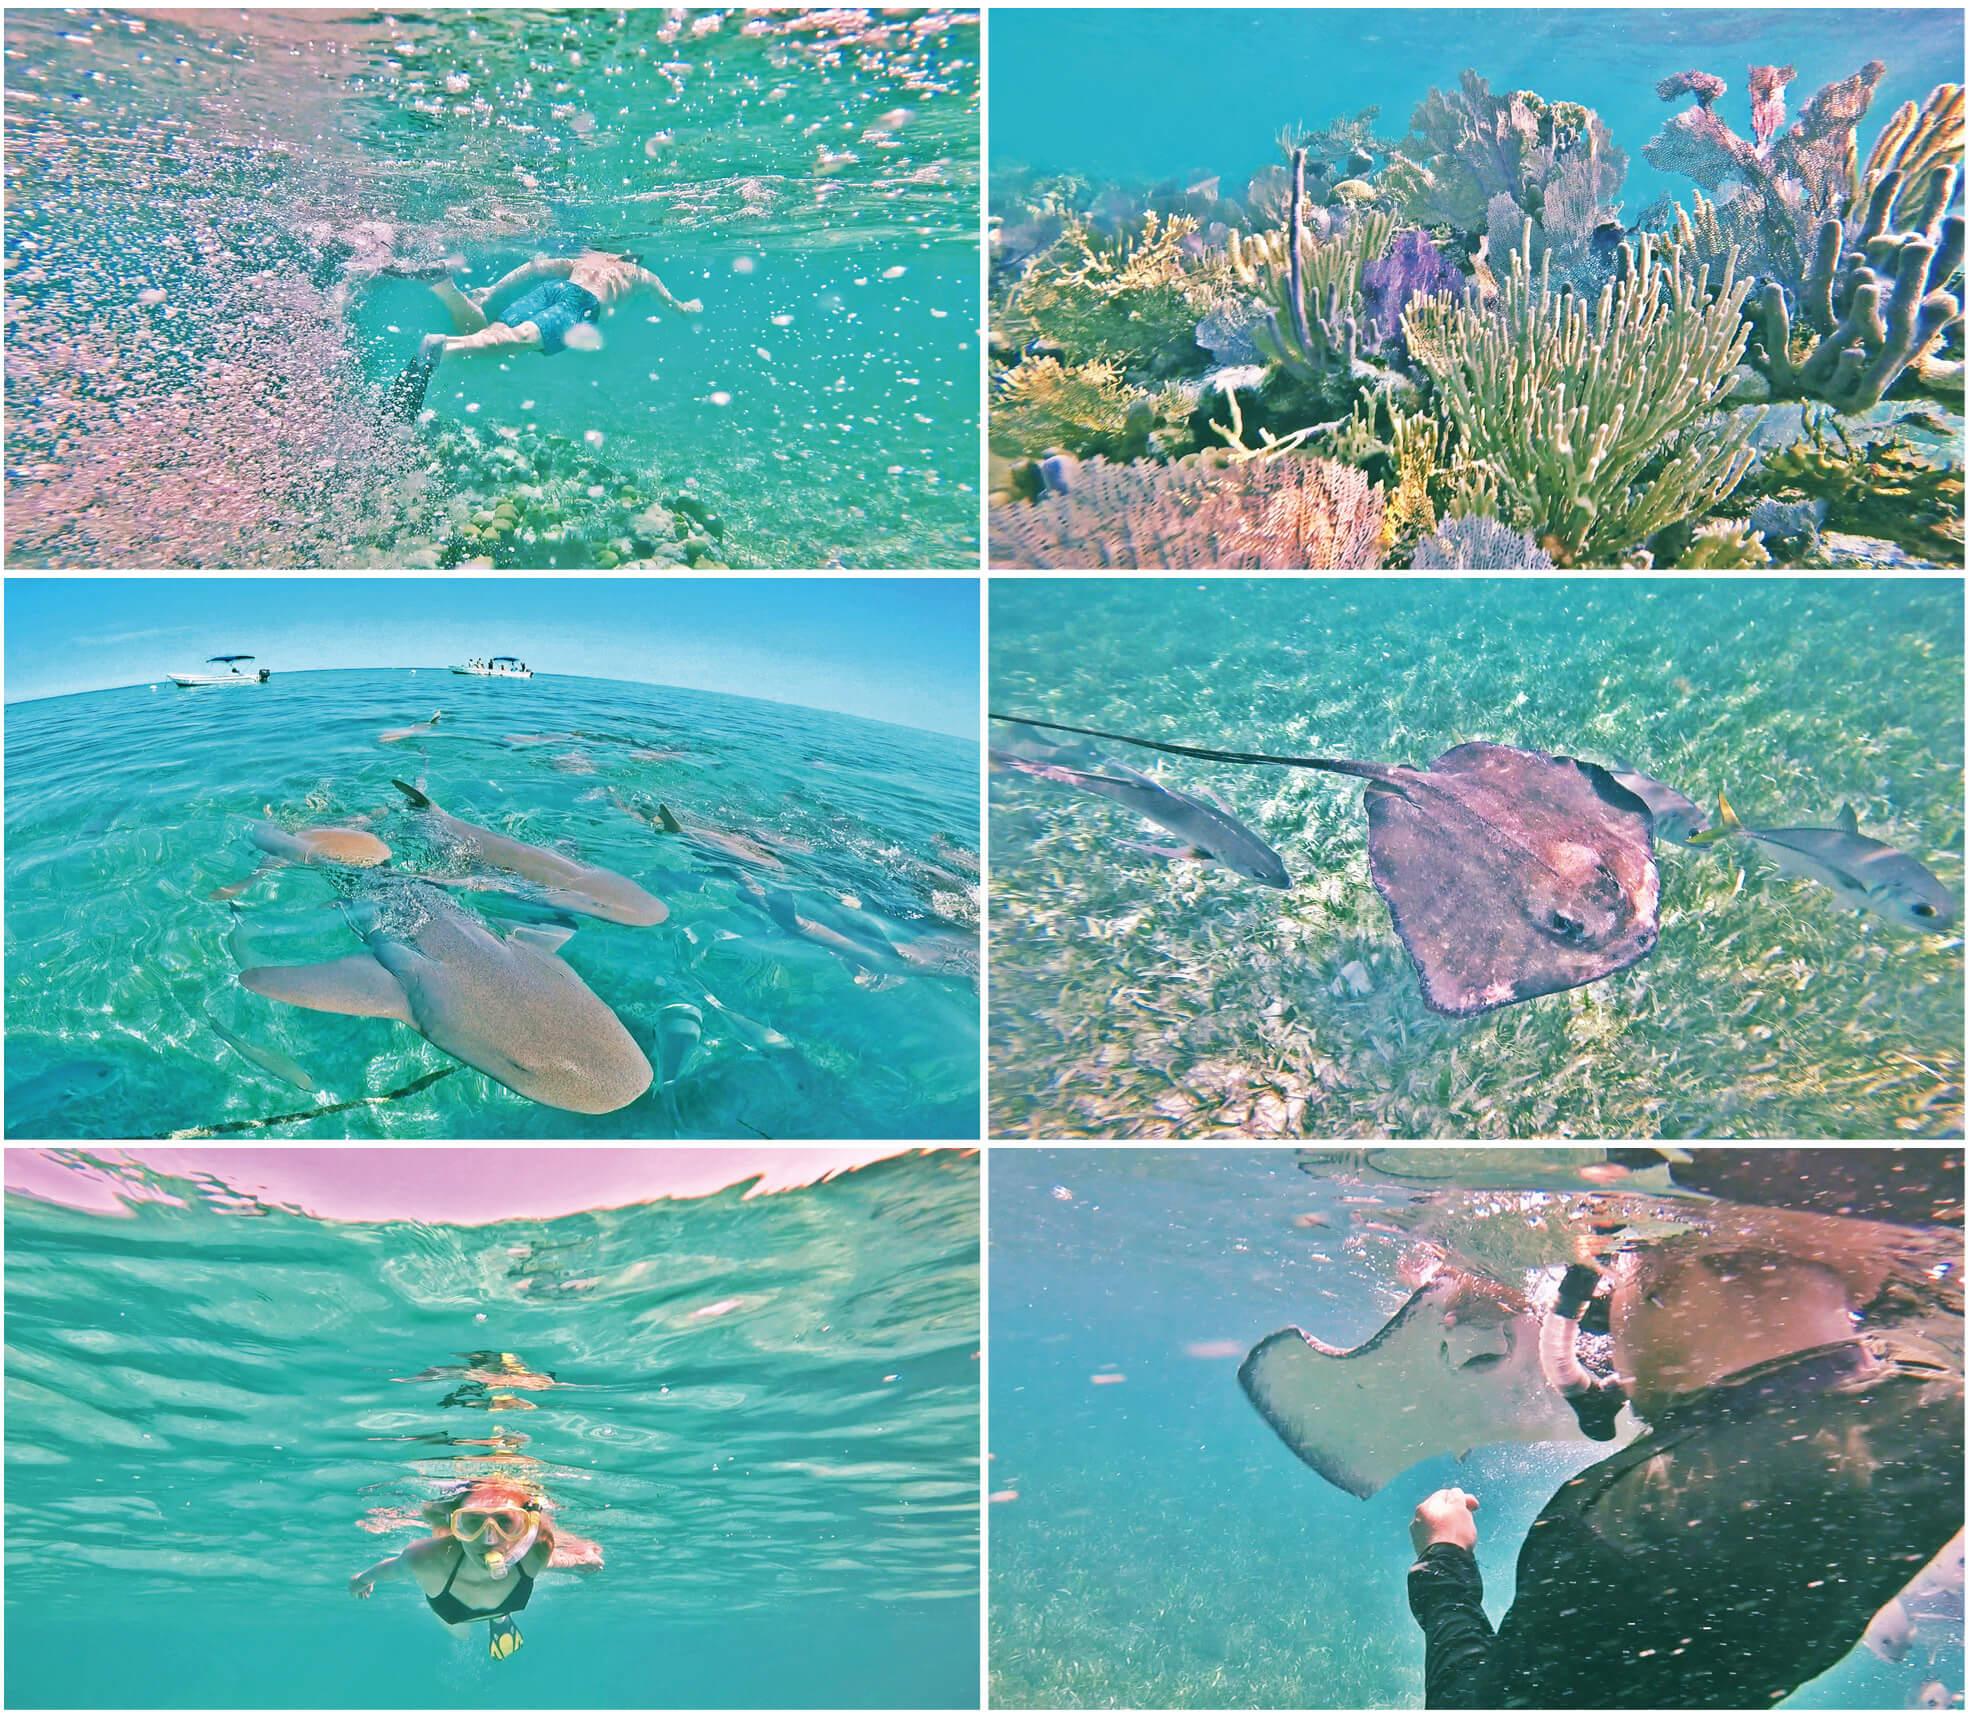 belize, voyage, caraïbes, requin, snorkeling, raies, mer, bateau, caye caulker, gopro, cocotier, corail